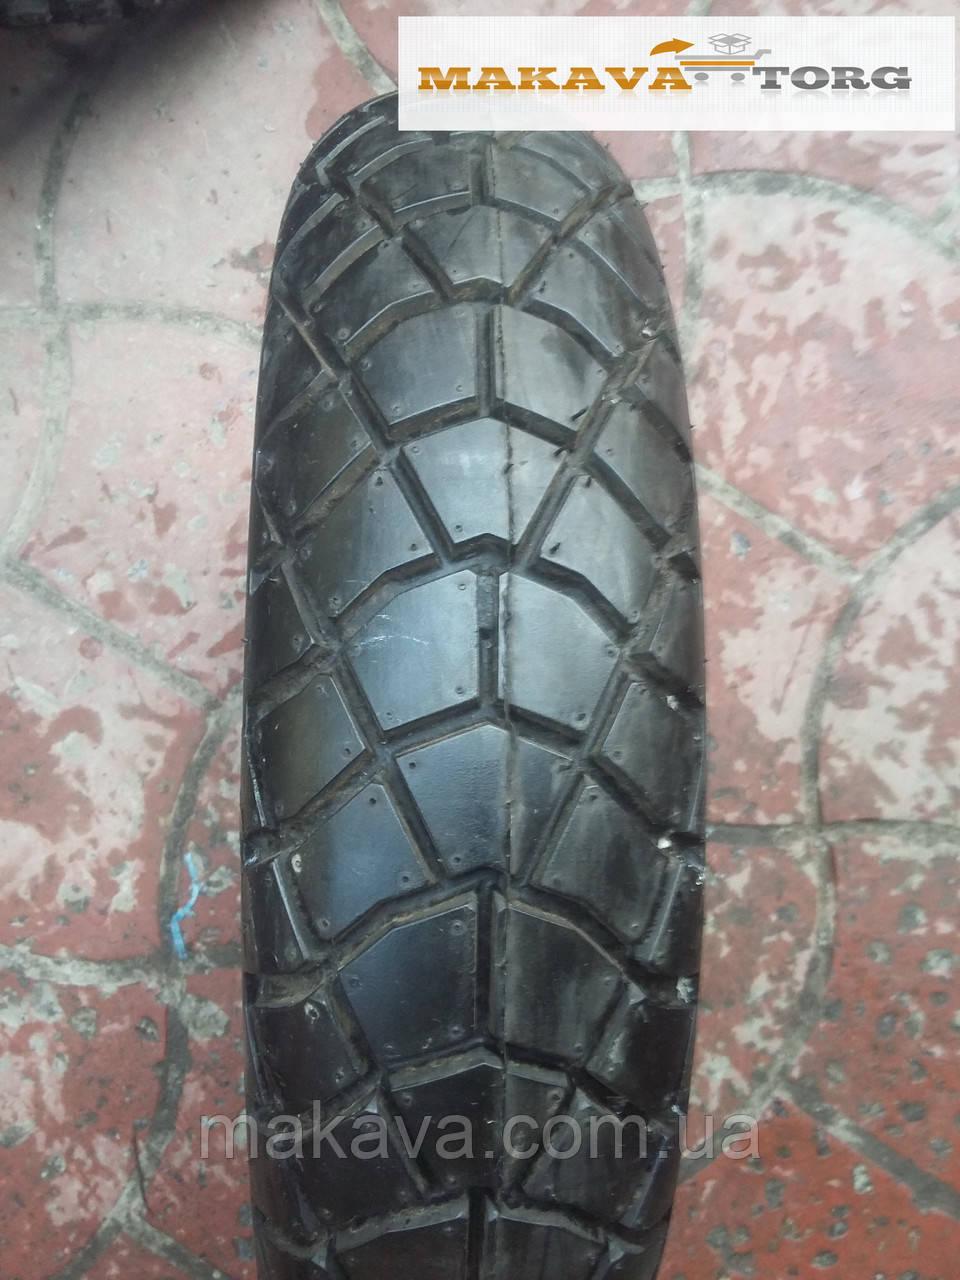 Мотоциклетные покрышки 3.5-10 DELITIRE  S-219 (Индонезия)